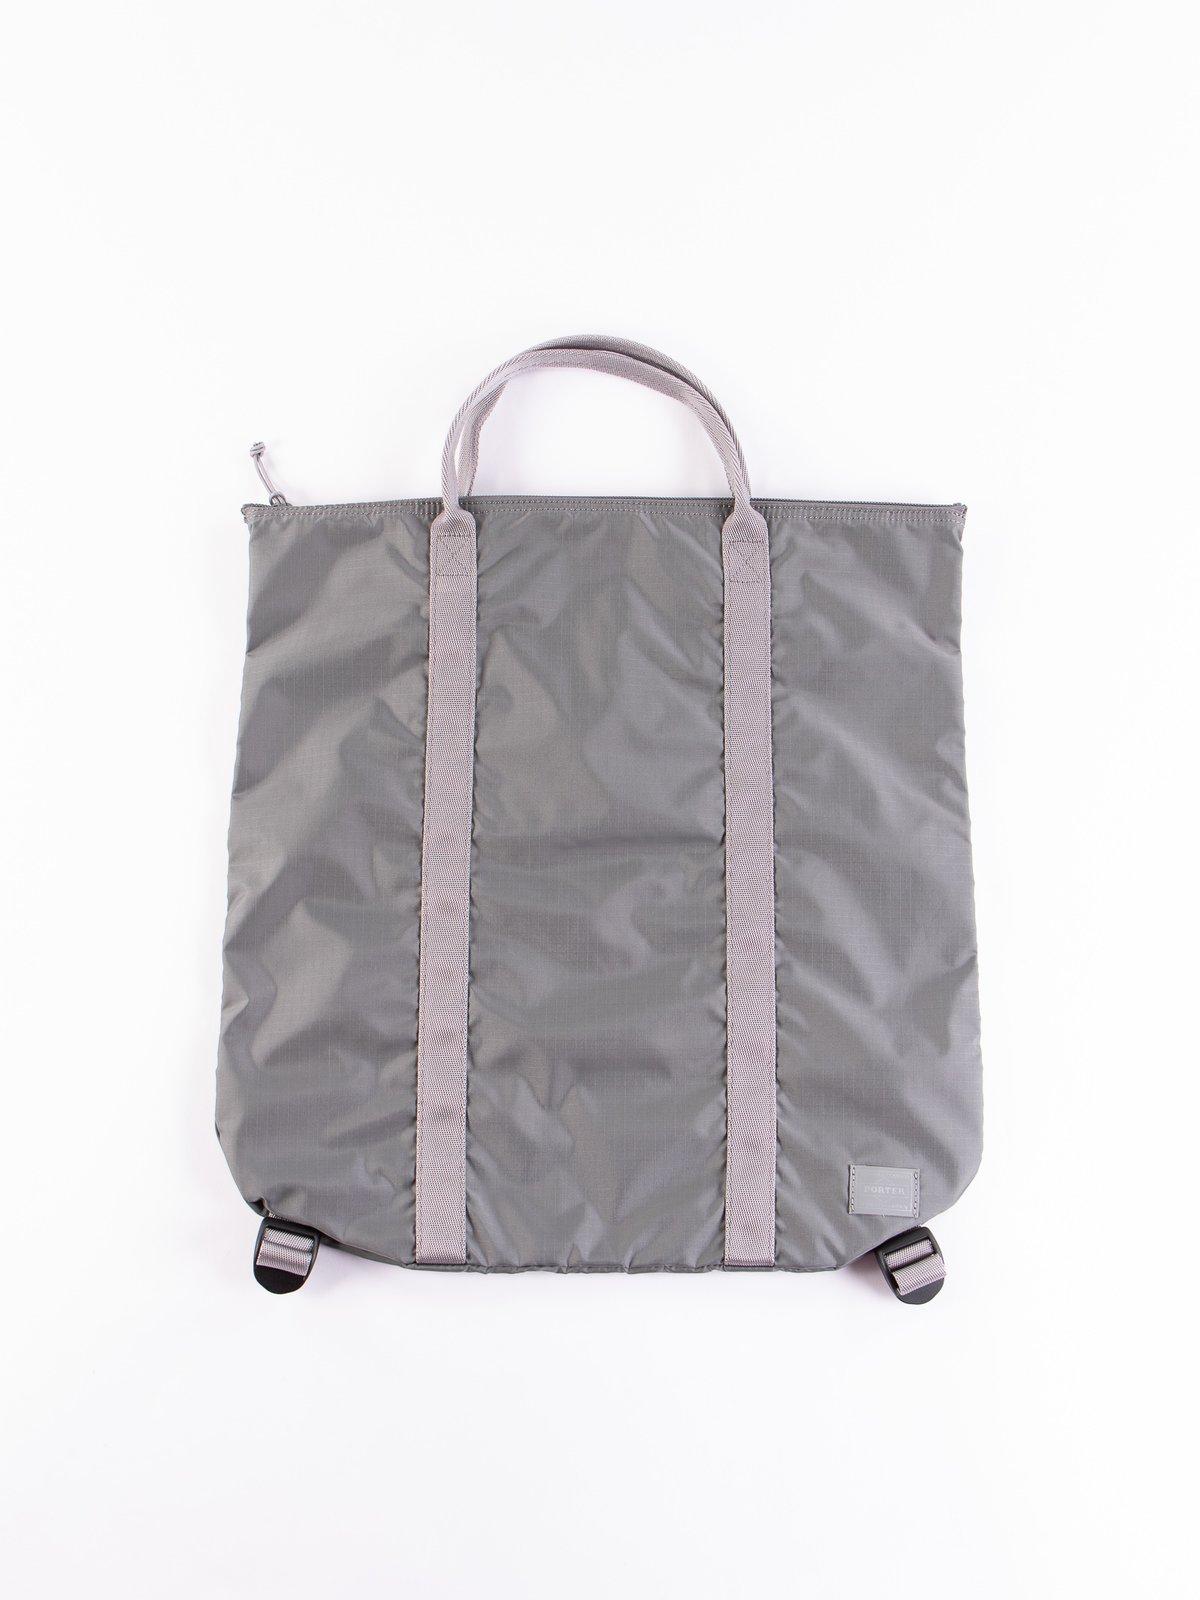 Grey Flex 2Way Tote Bag - Image 1